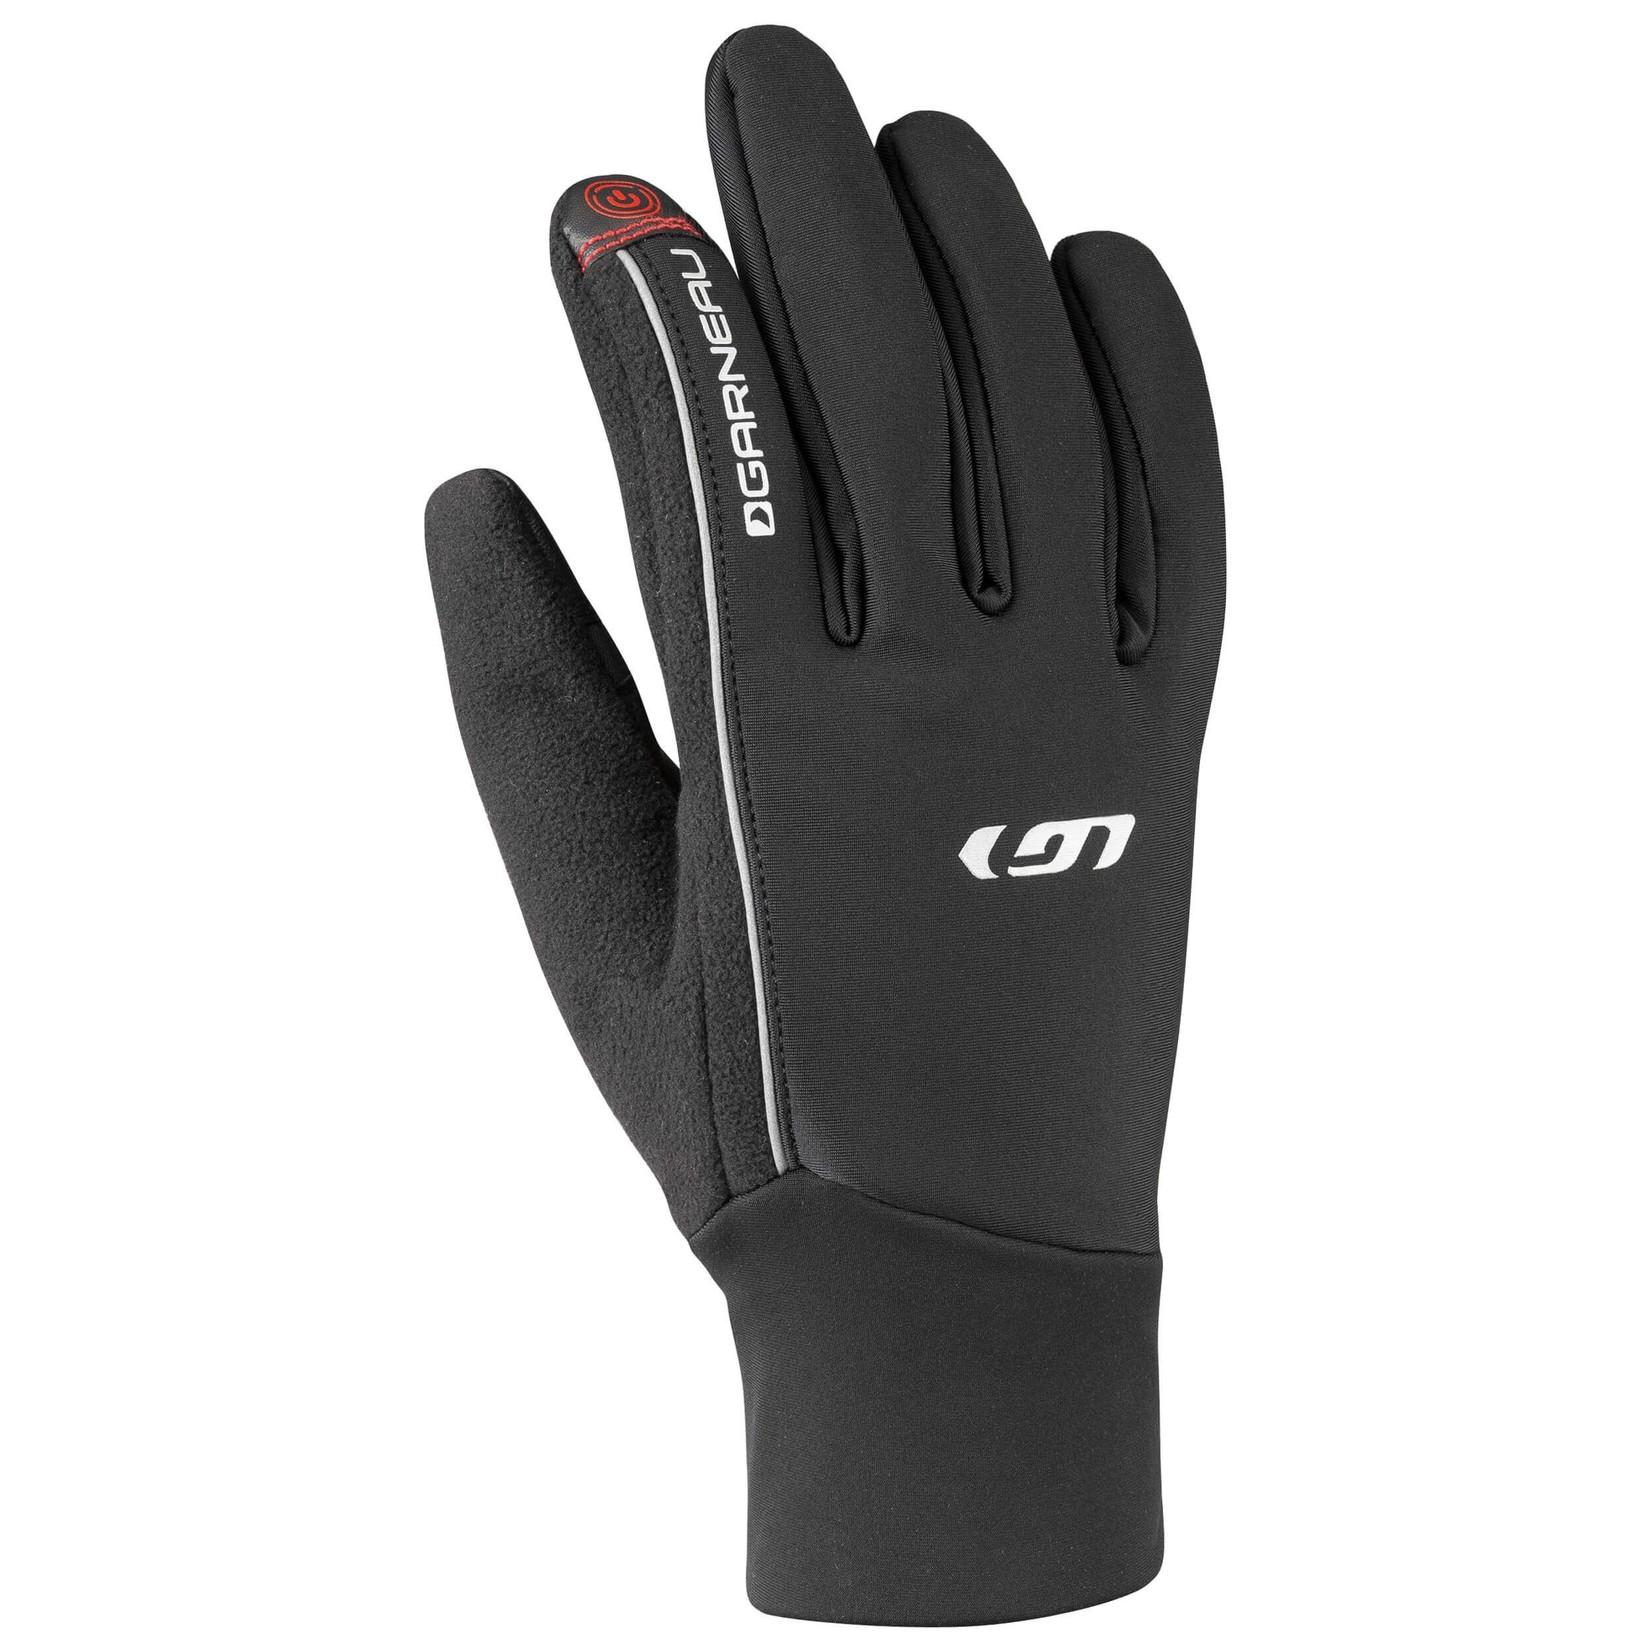 Louis Garneau Garneau Ex Ultra gloves